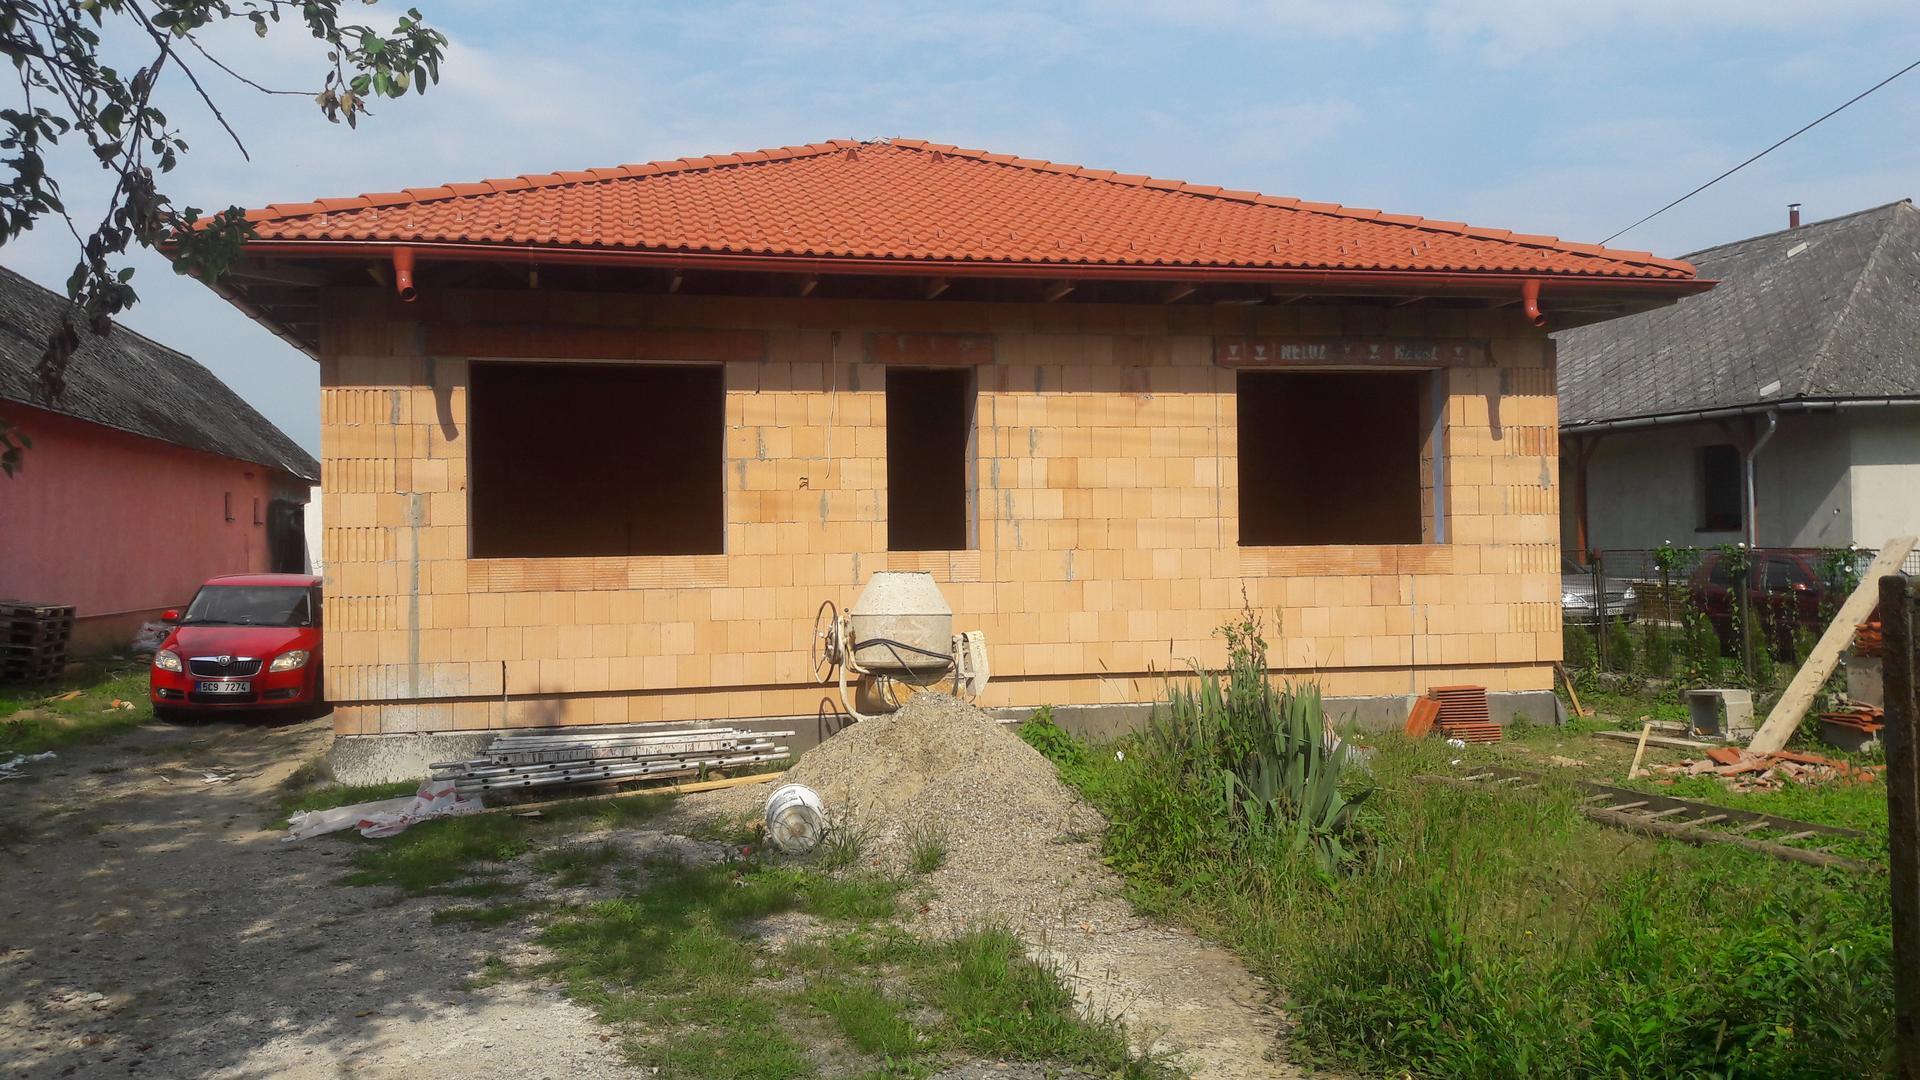 Stavba môjho domu svojpomocne - Obrázok č. 10